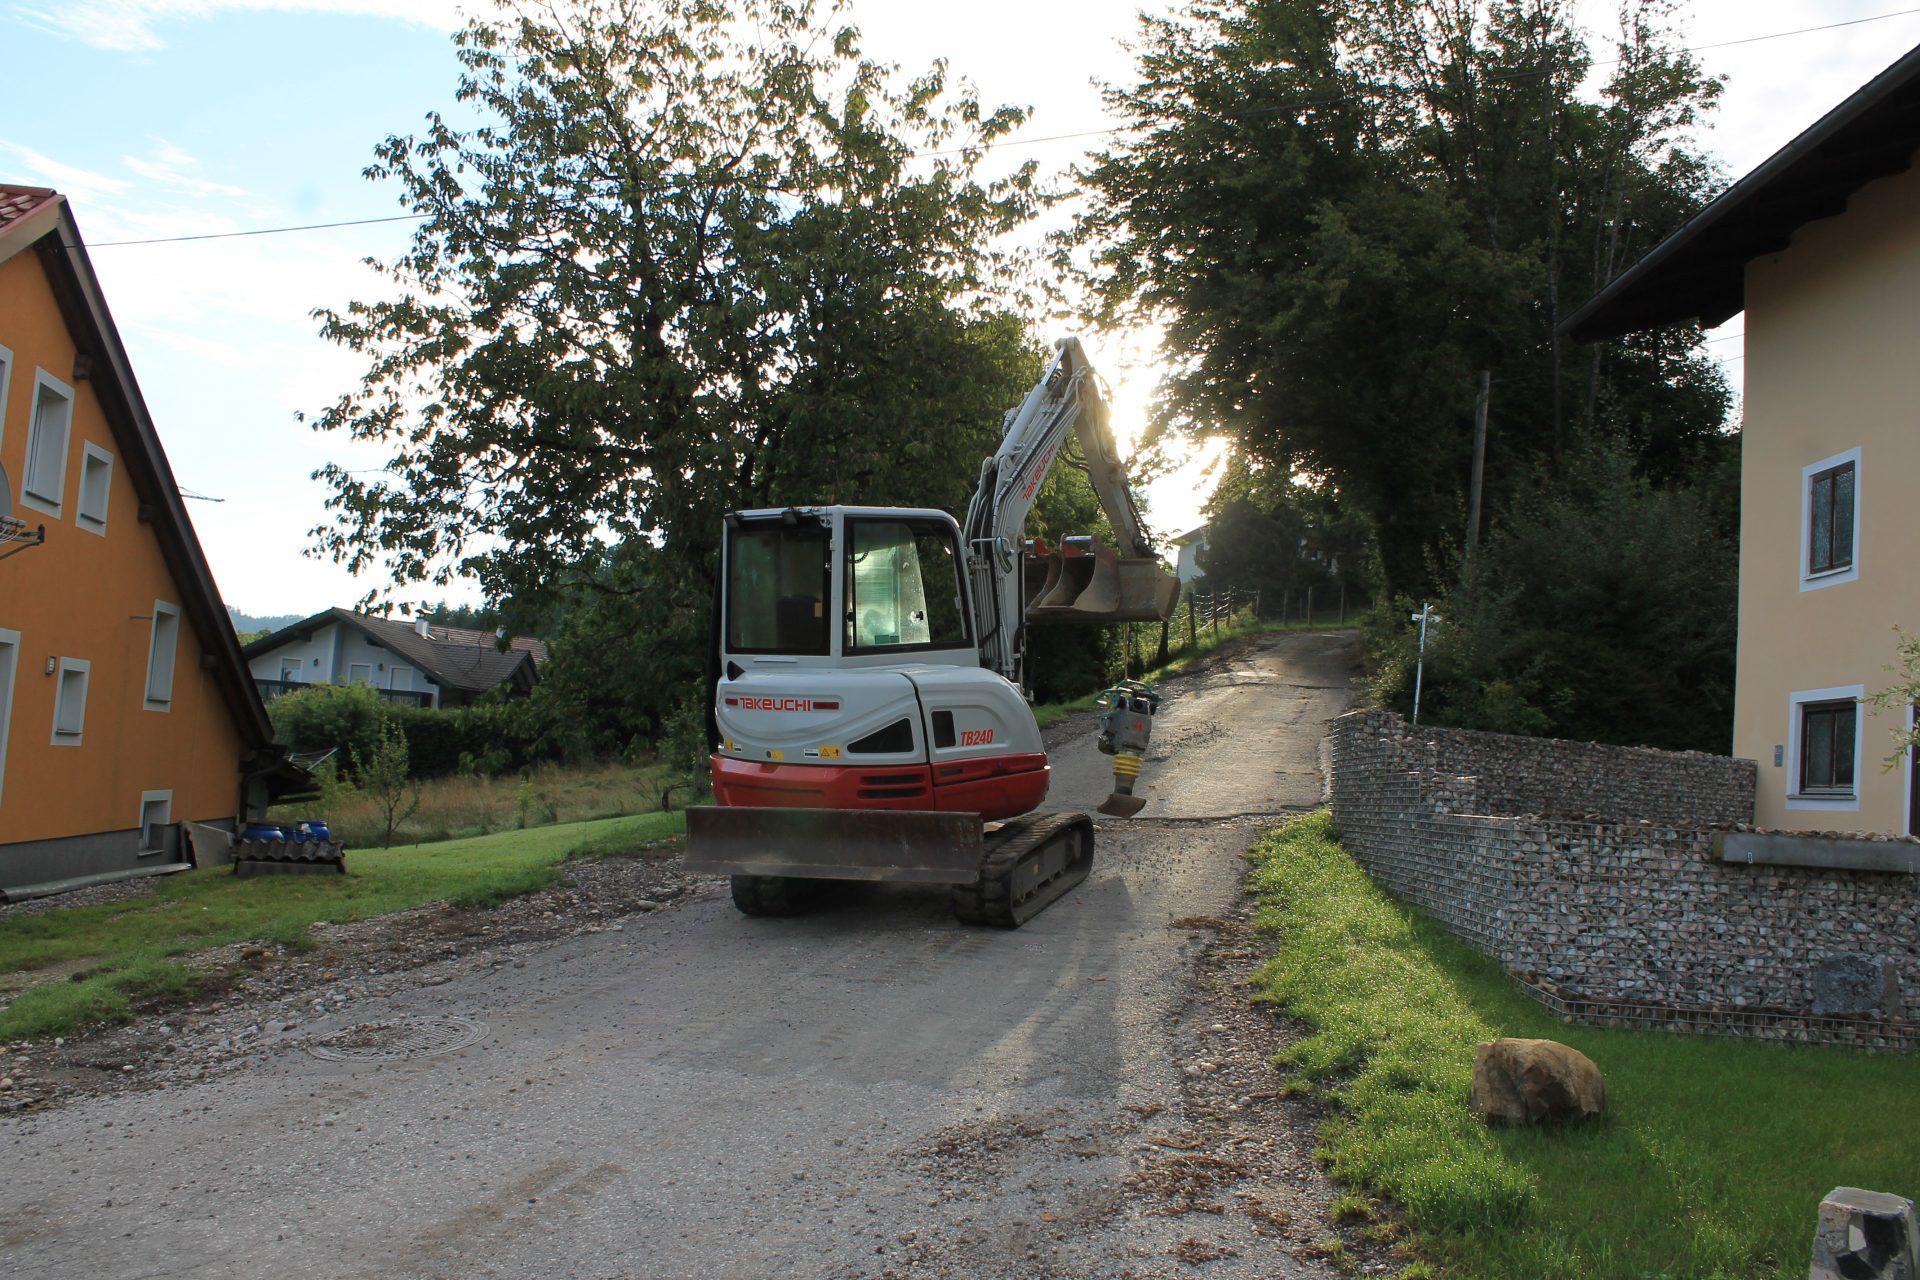 Dieses Bild zeigt die Bauarbeiten im Rahmen der Straßensanierung in Spreitzenberg.